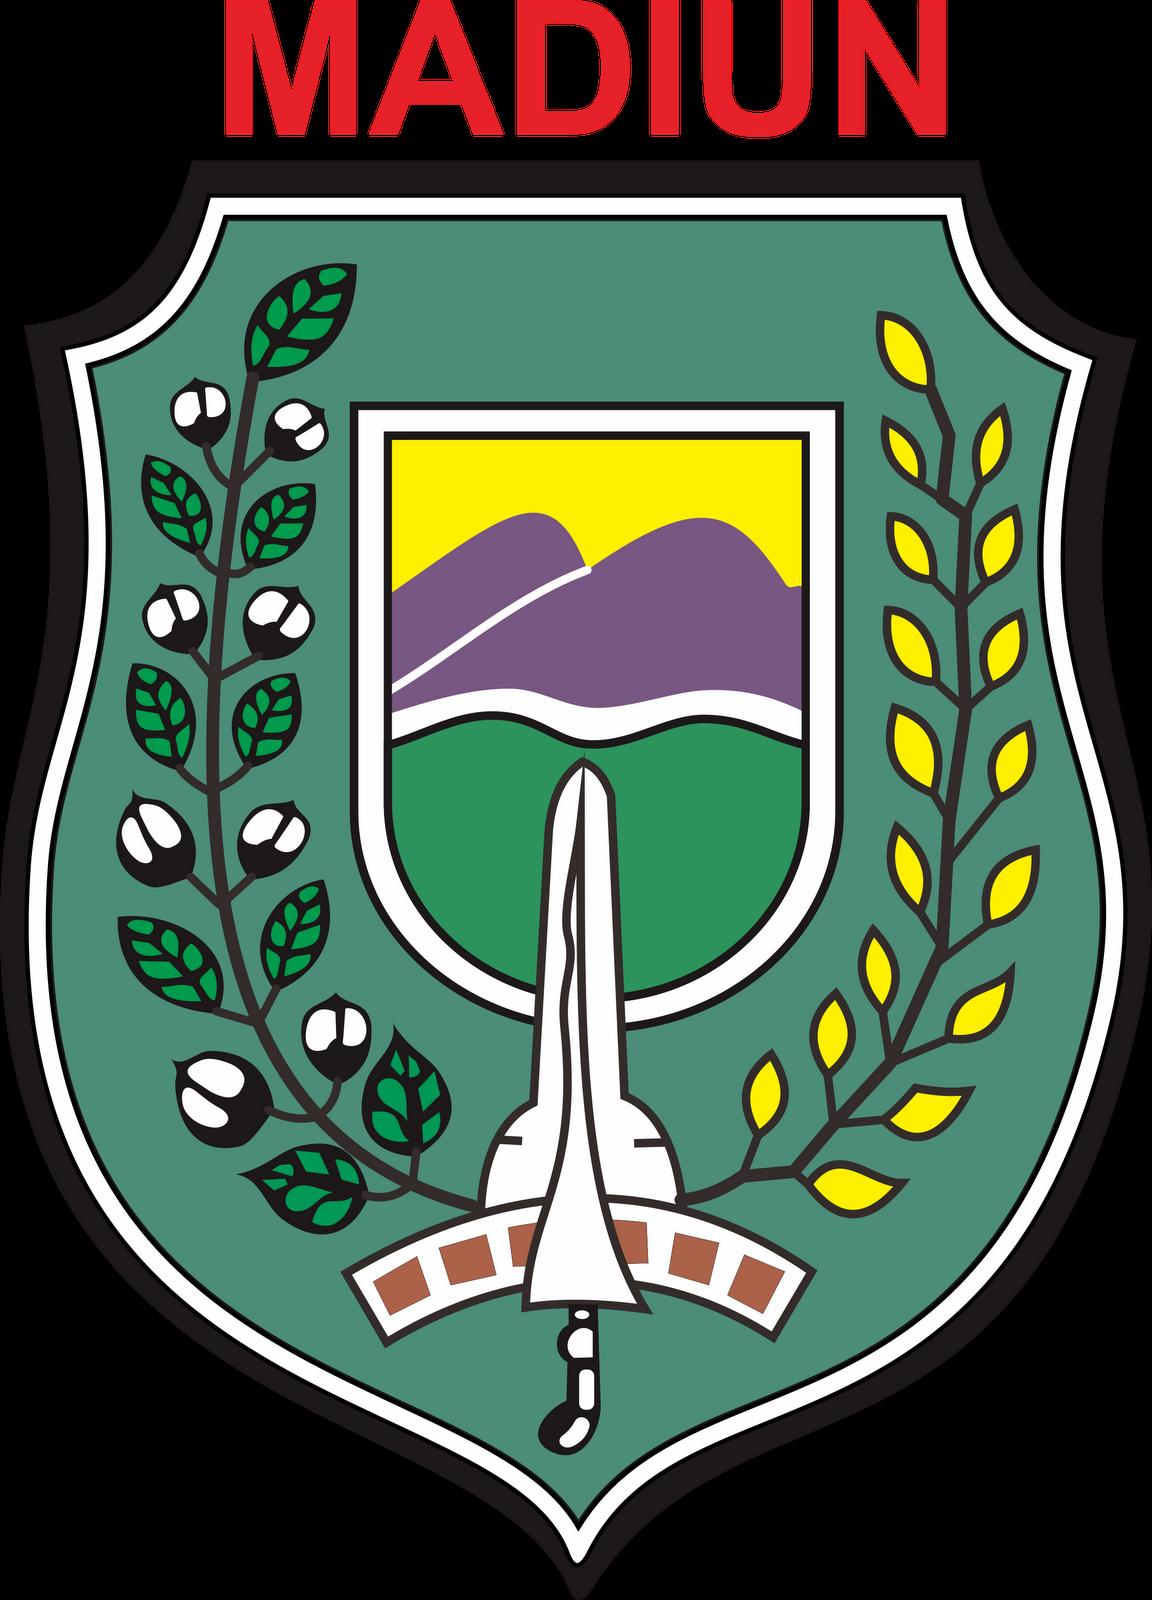 Logo Perusahaan Asuransi Kumpulan Logo Lambang Berita